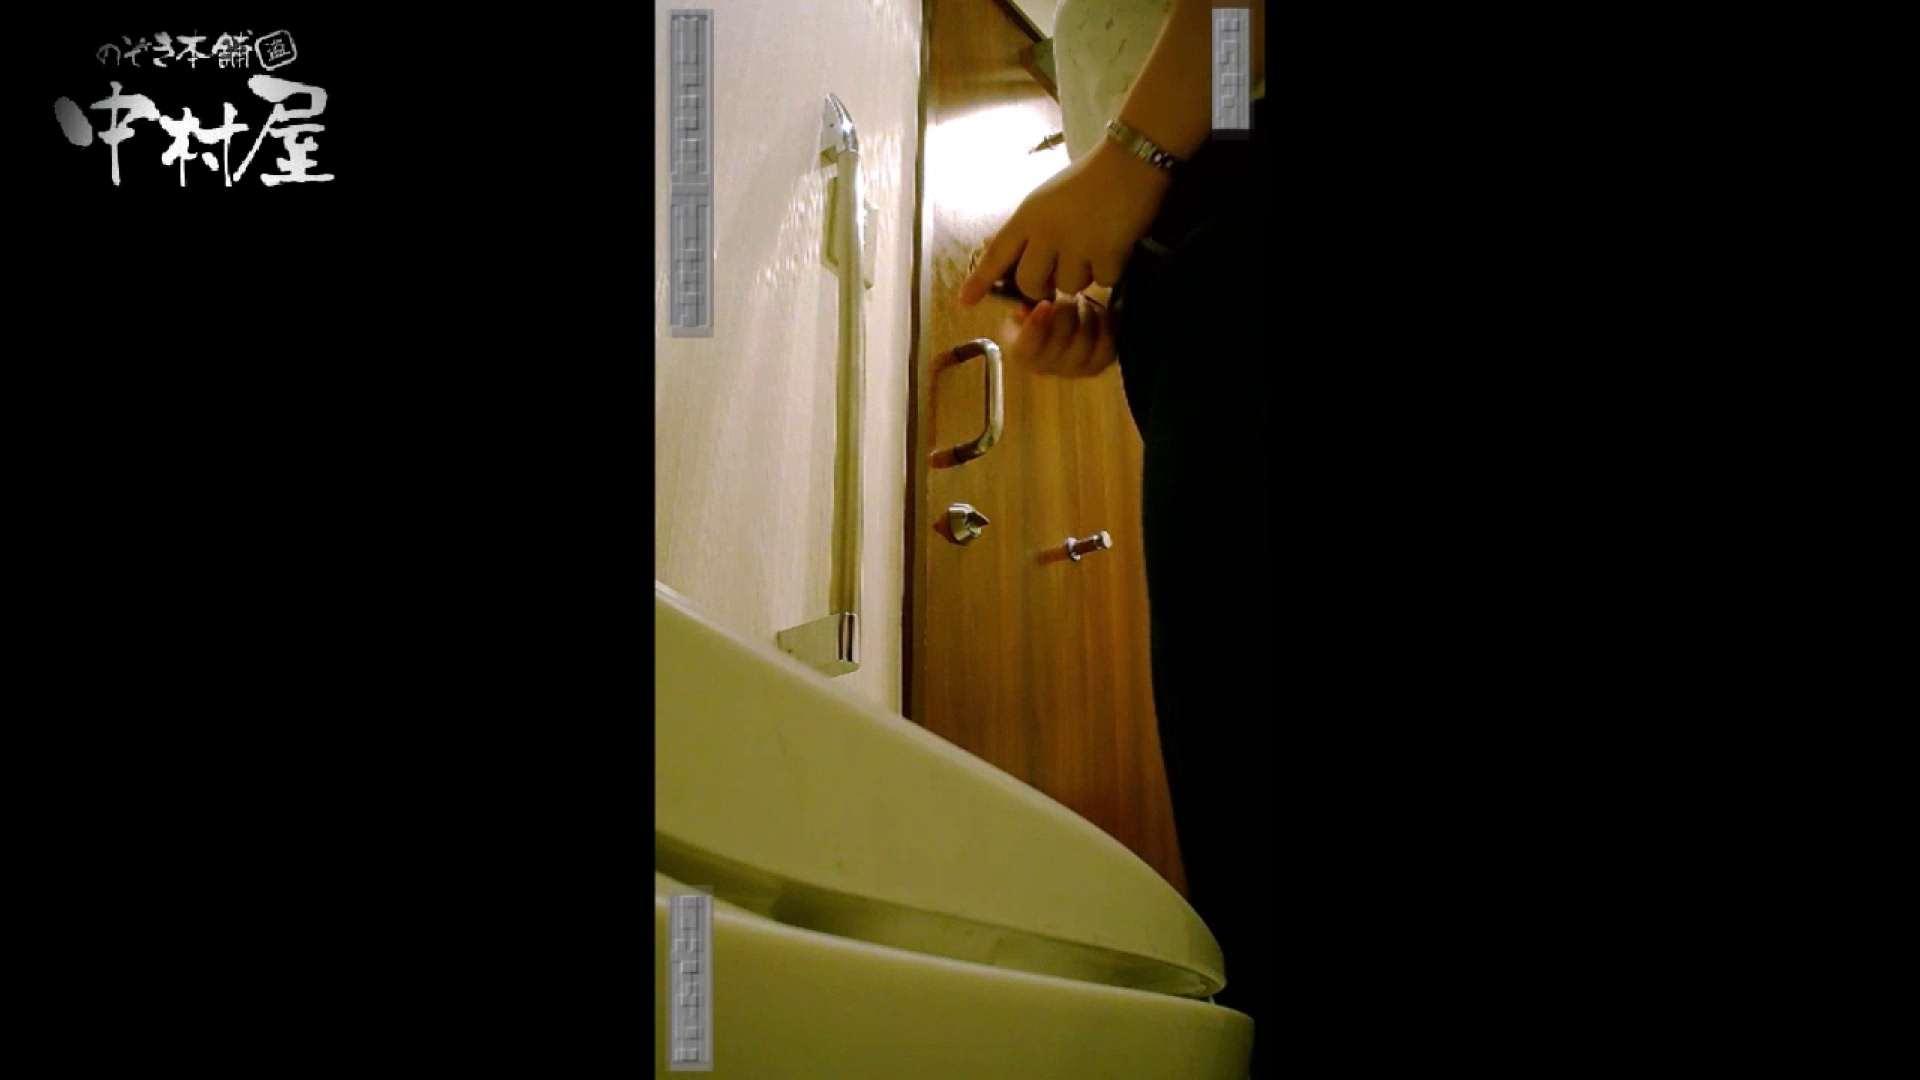 高画質トイレ盗撮vol.15 高画質 エロ無料画像 95PIX 19